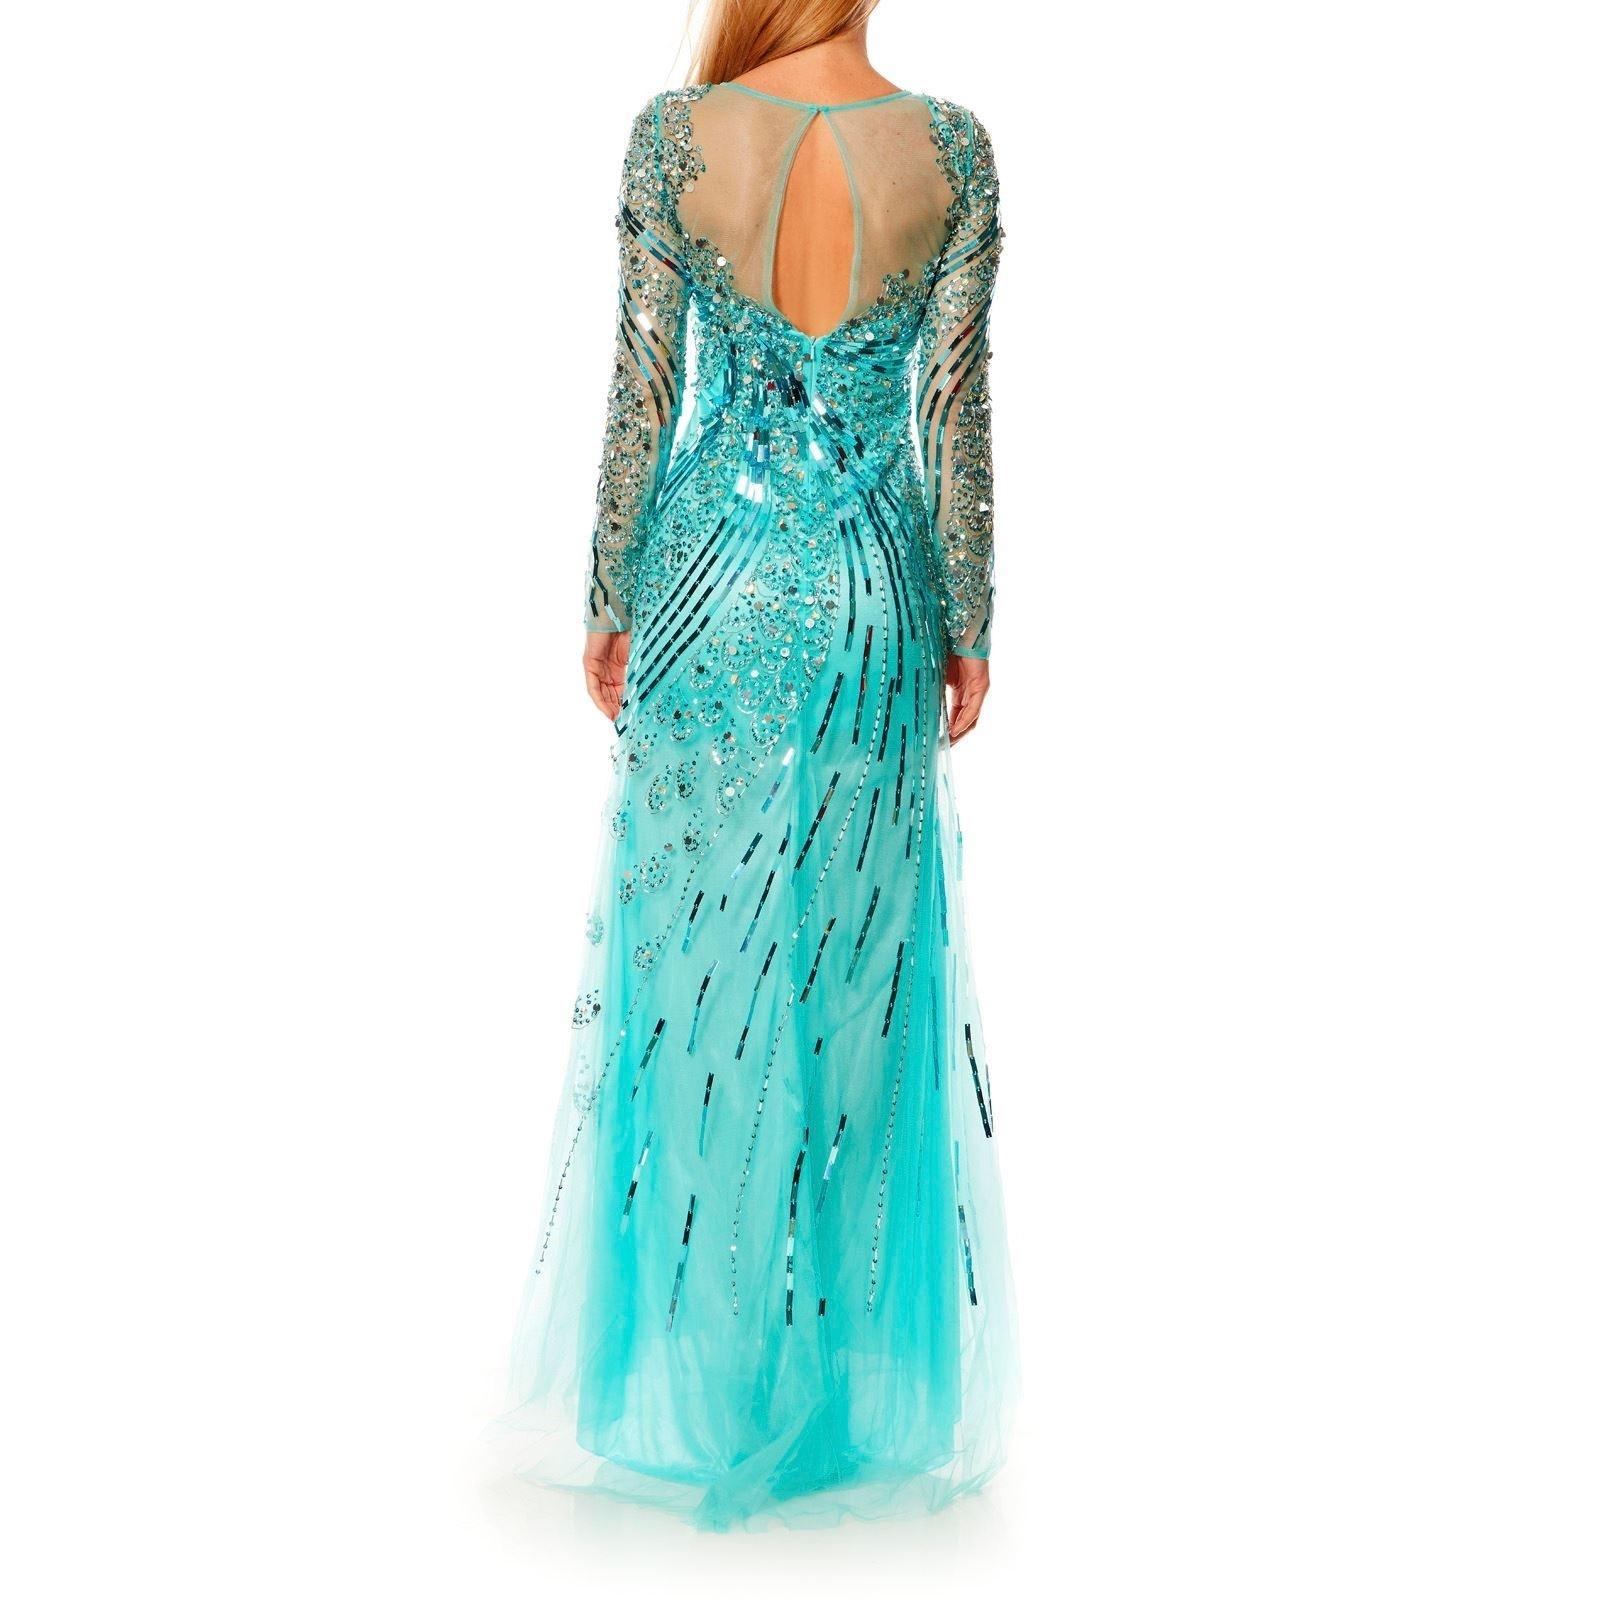 17 Perfekt Festliches Kleid Türkis Galerie17 Einfach Festliches Kleid Türkis Spezialgebiet